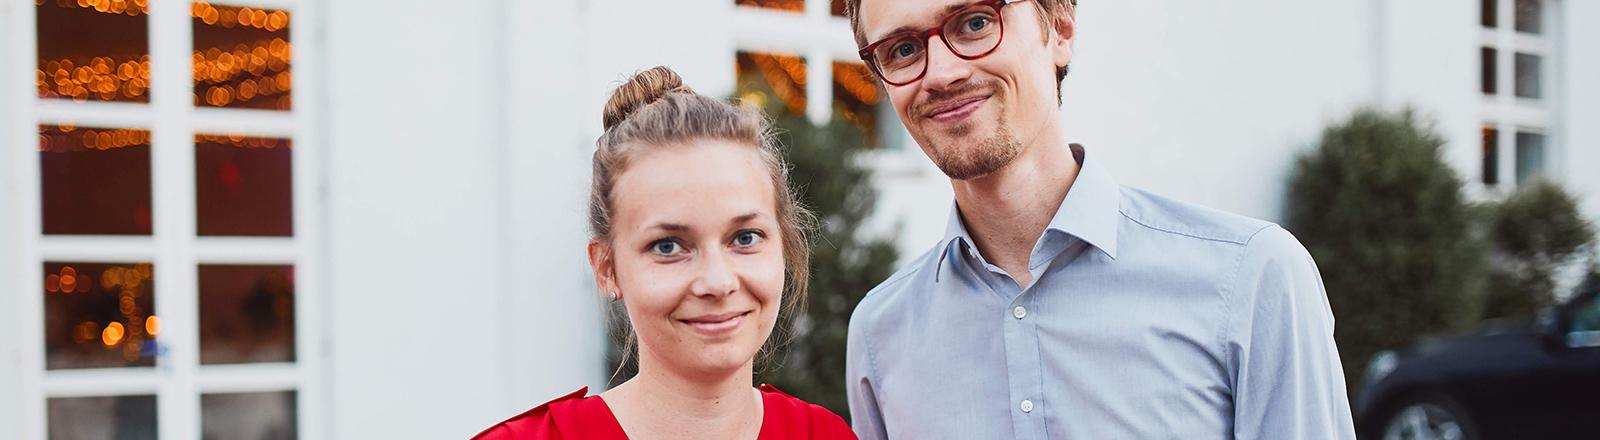 Eine Frau schaut lächelnd in die Kamera, ein Mann mit Brille steht daneben und hält ein Bierglas in der Hand.